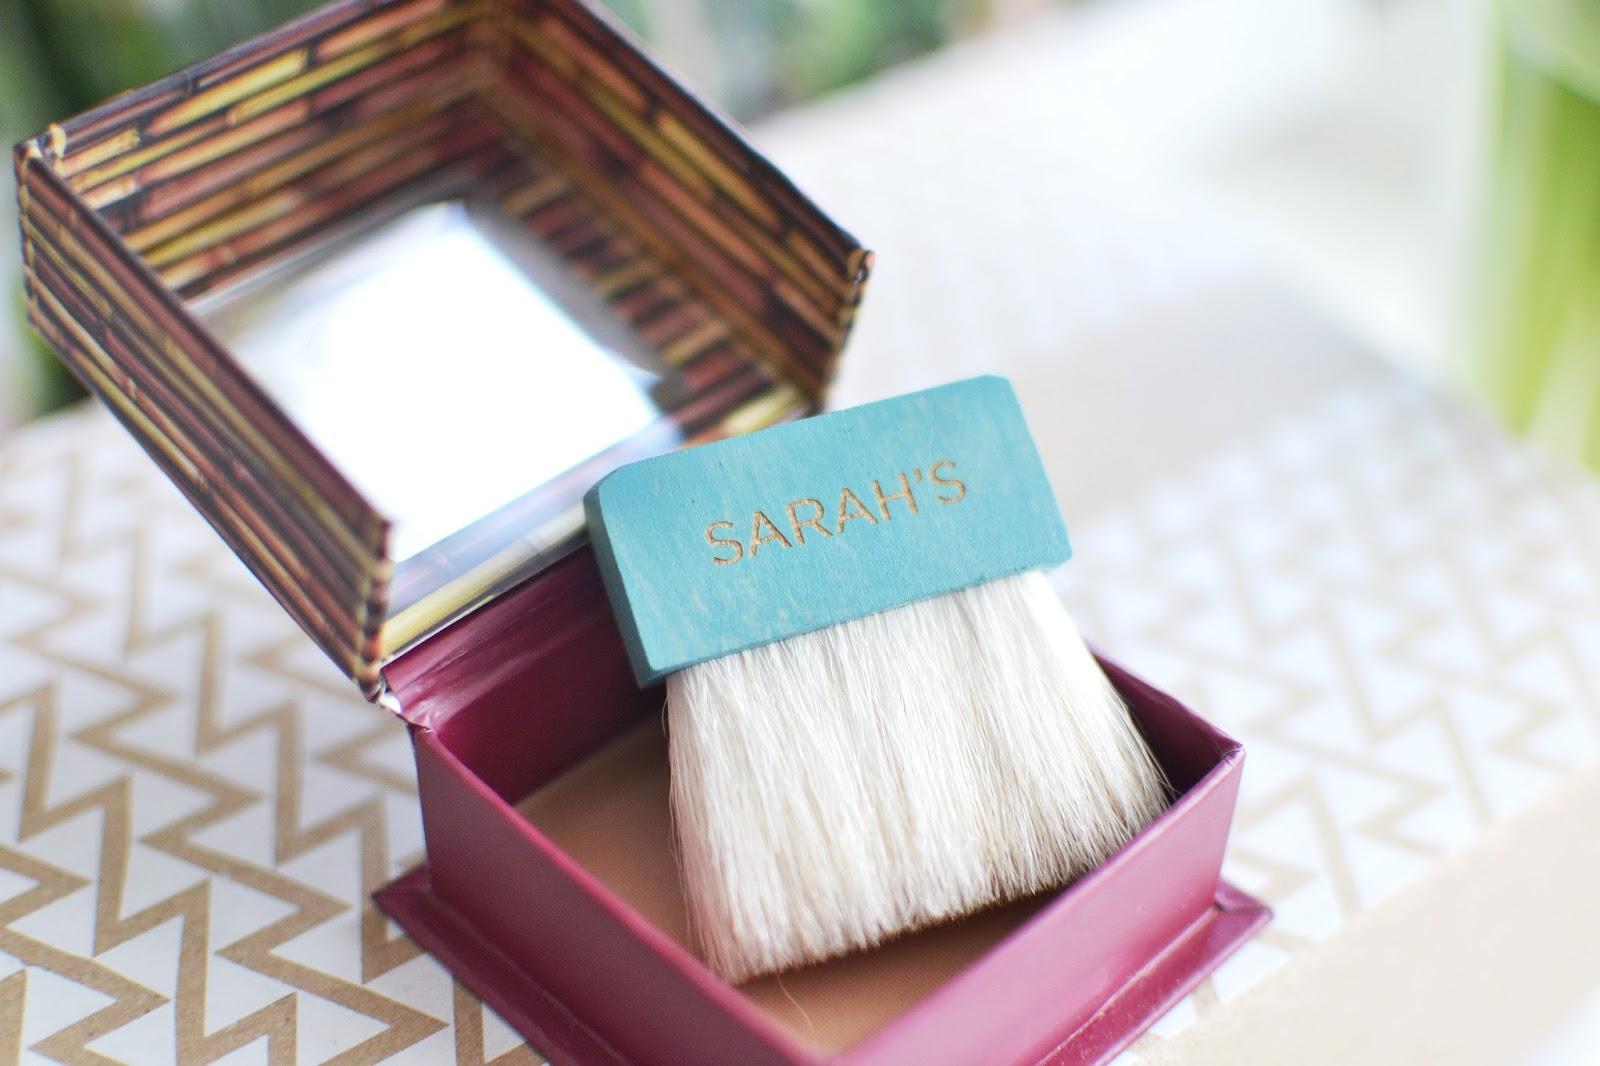 Benefit Hoola, matte bronzing powder